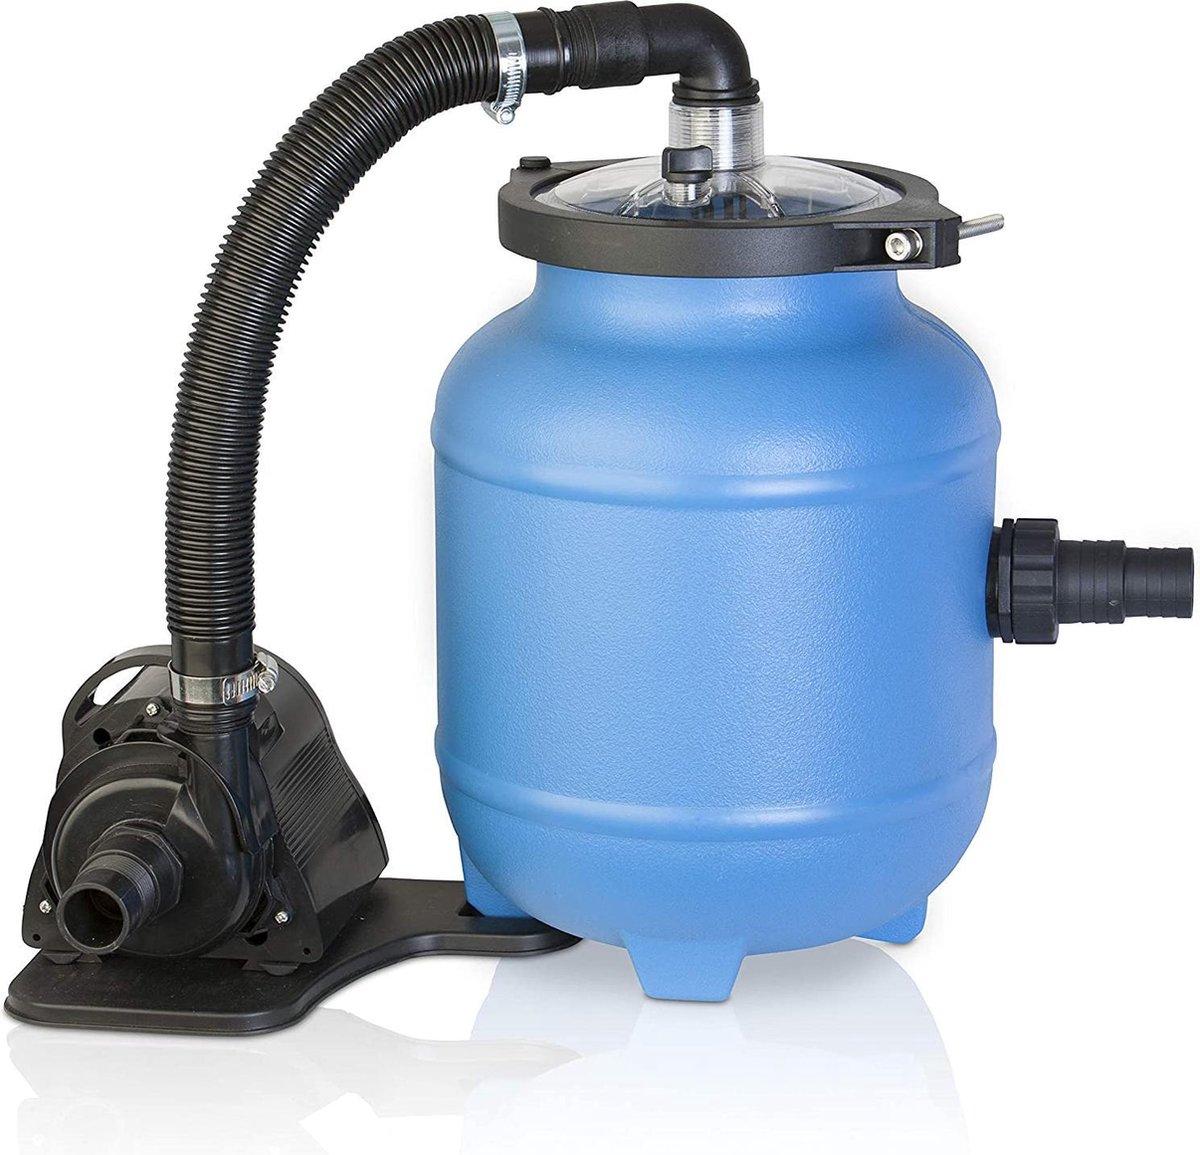 zwembad filter -gre faq200 aqualoon filter voor zwembaden 320 g - (WK 02123)